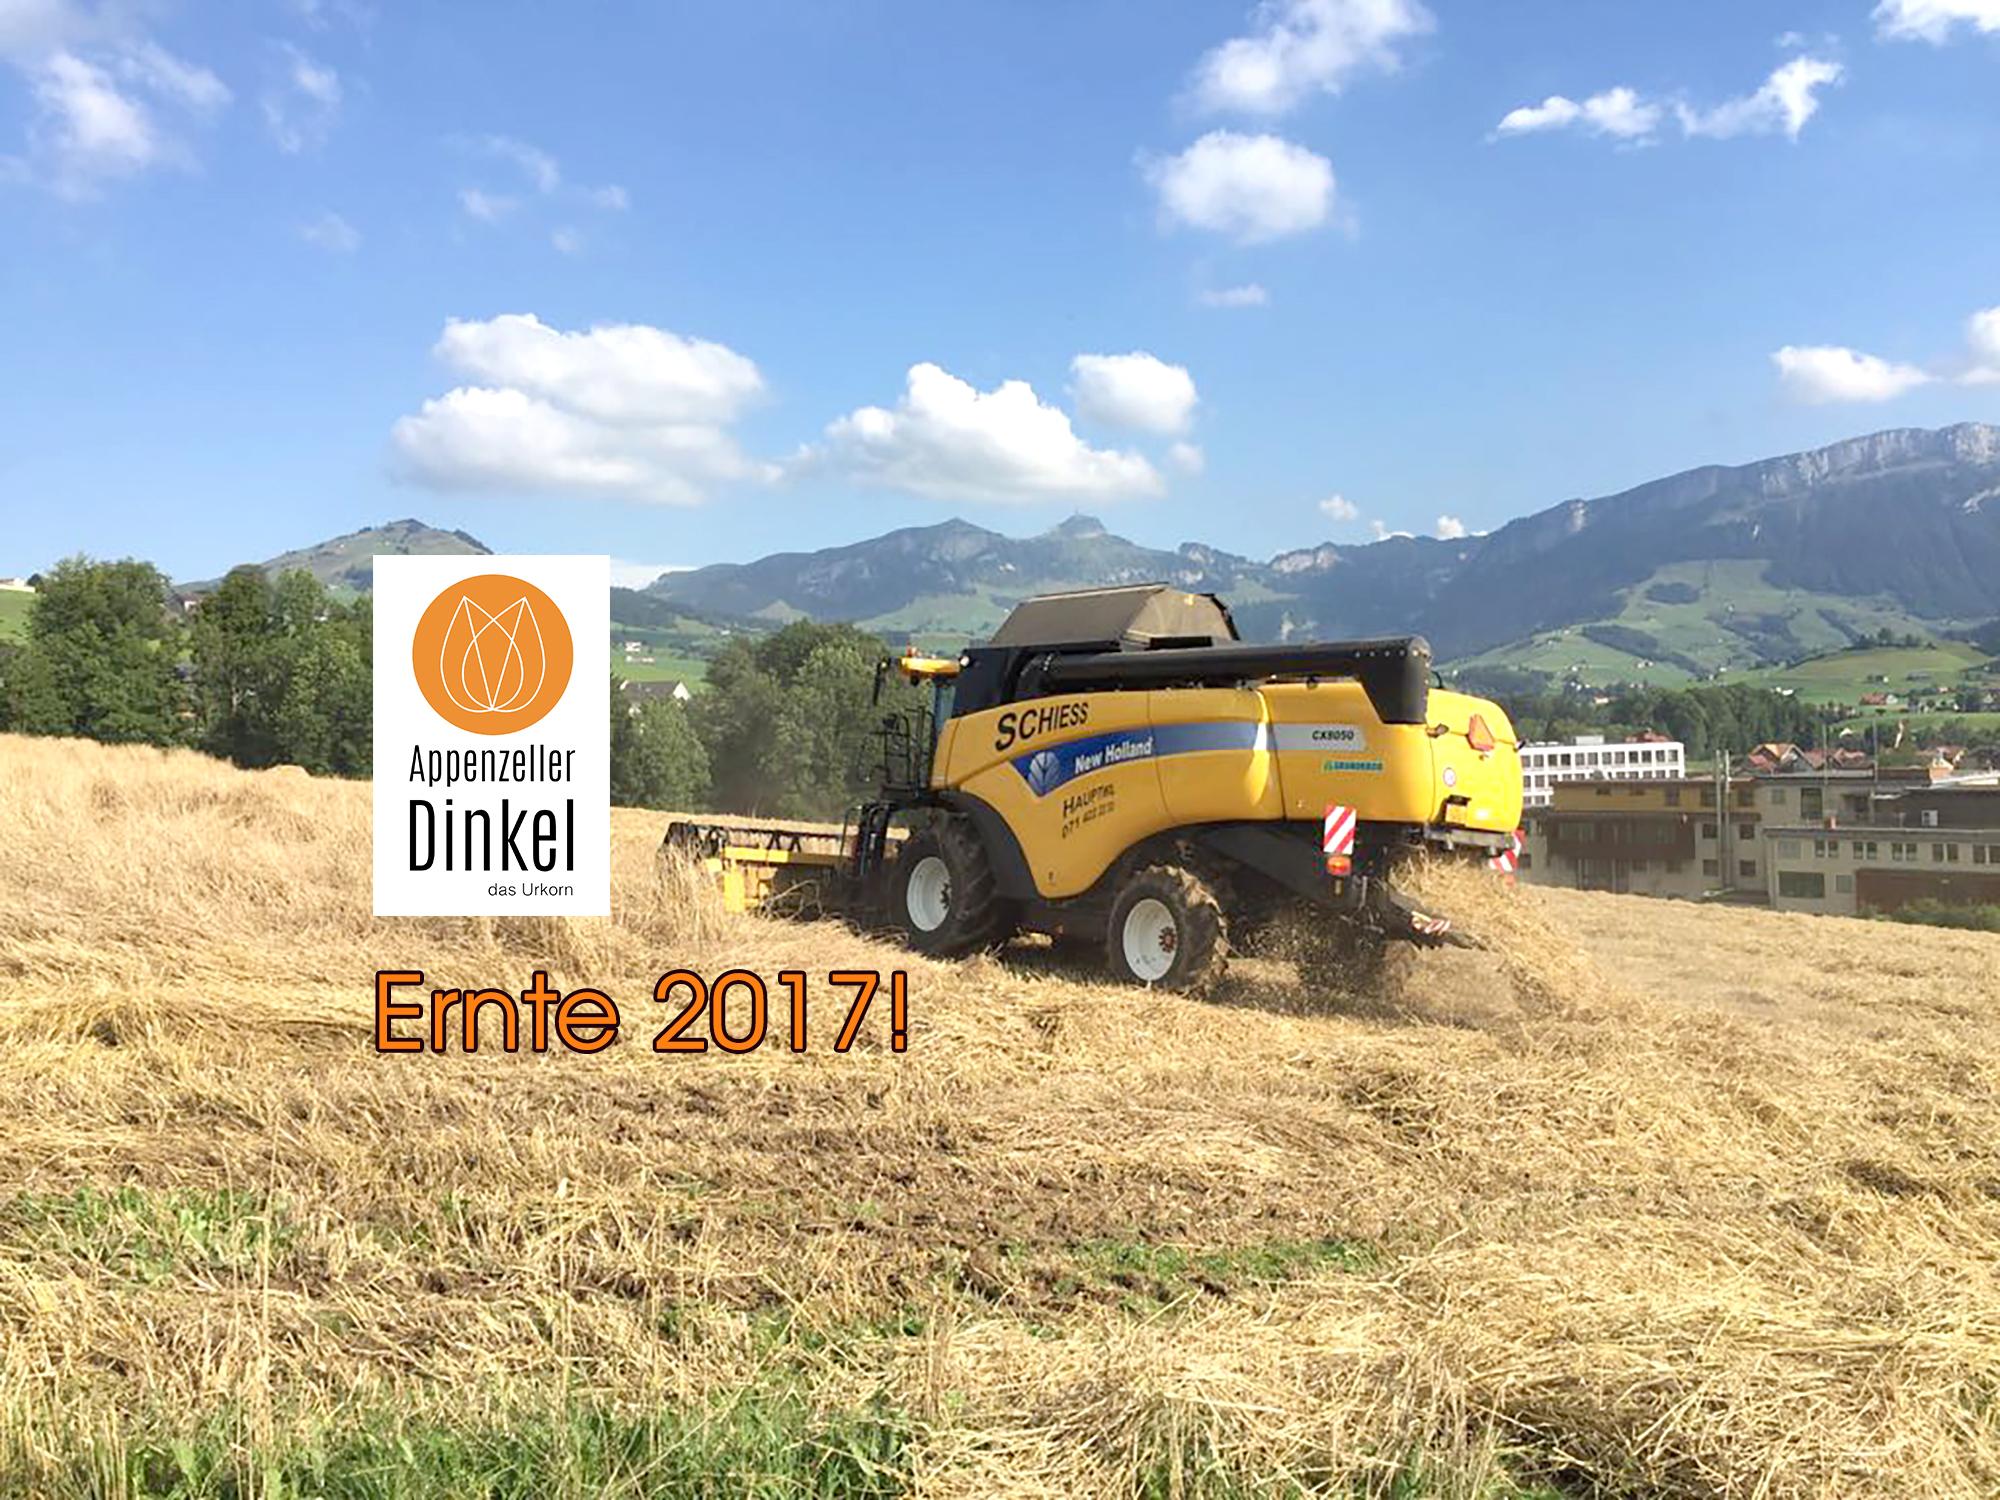 DinkeErnte2017-259943cef72d40